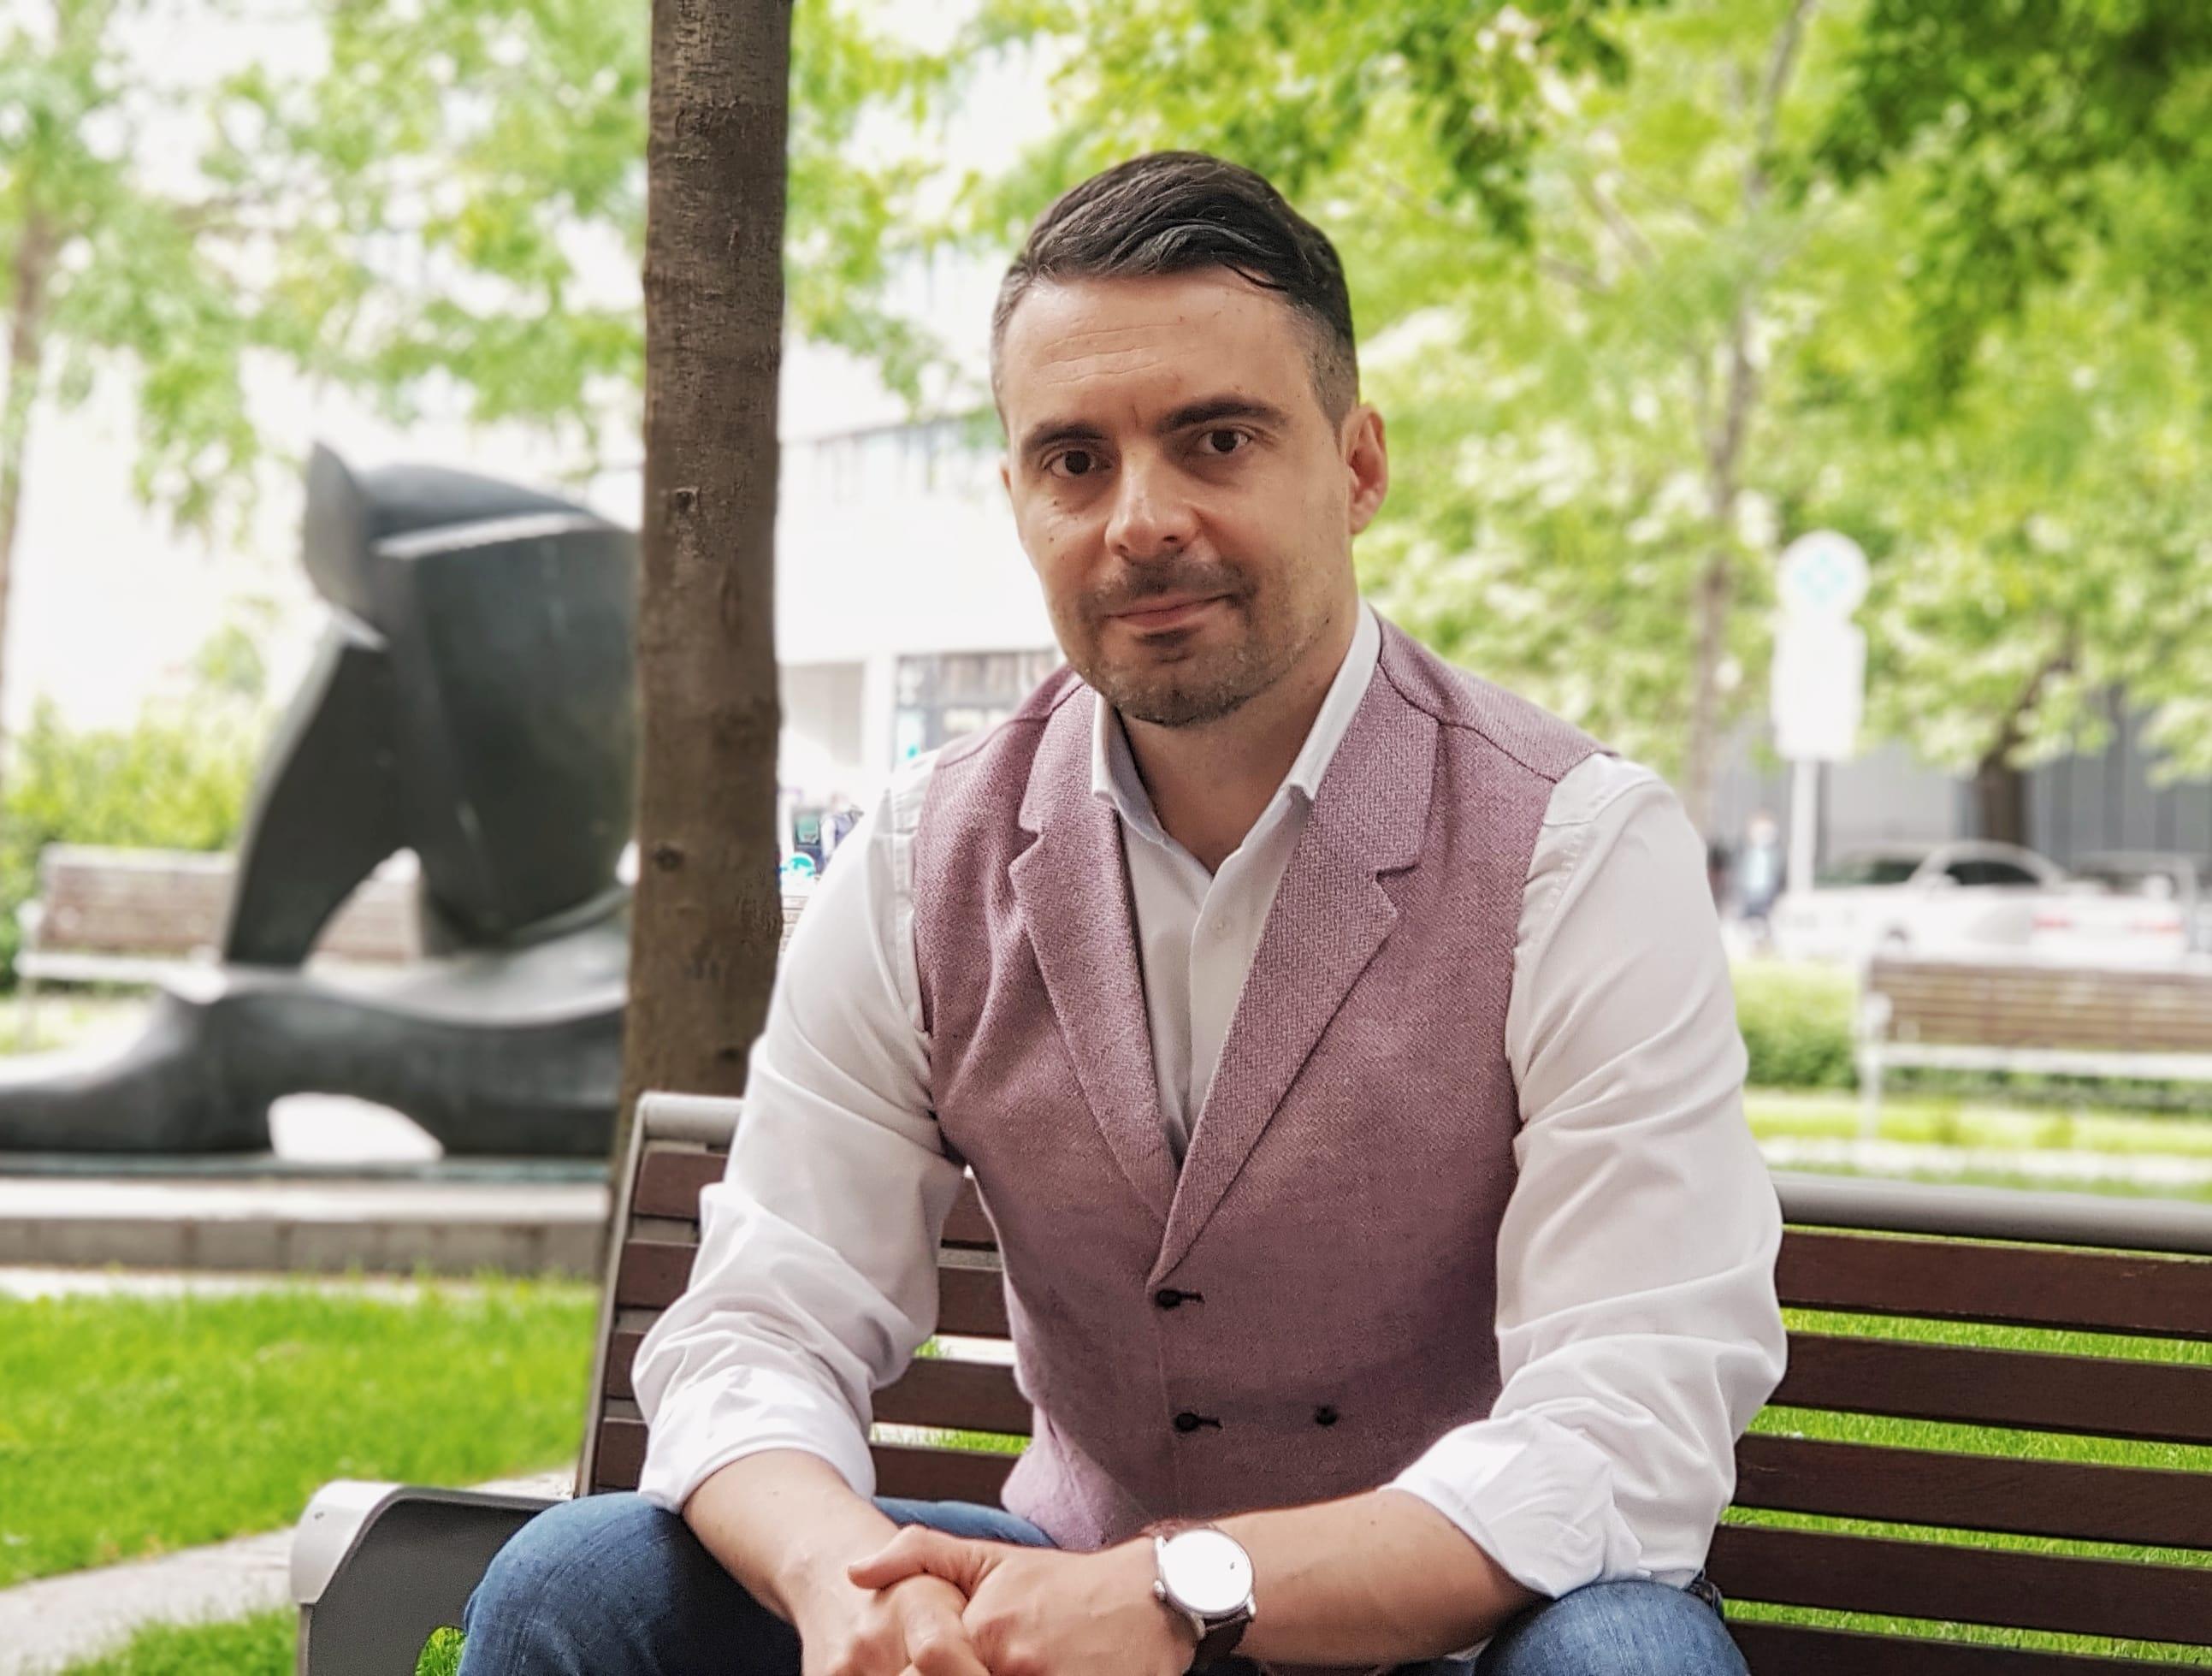 Néhány gondolat a Jobbik helyzetéhez